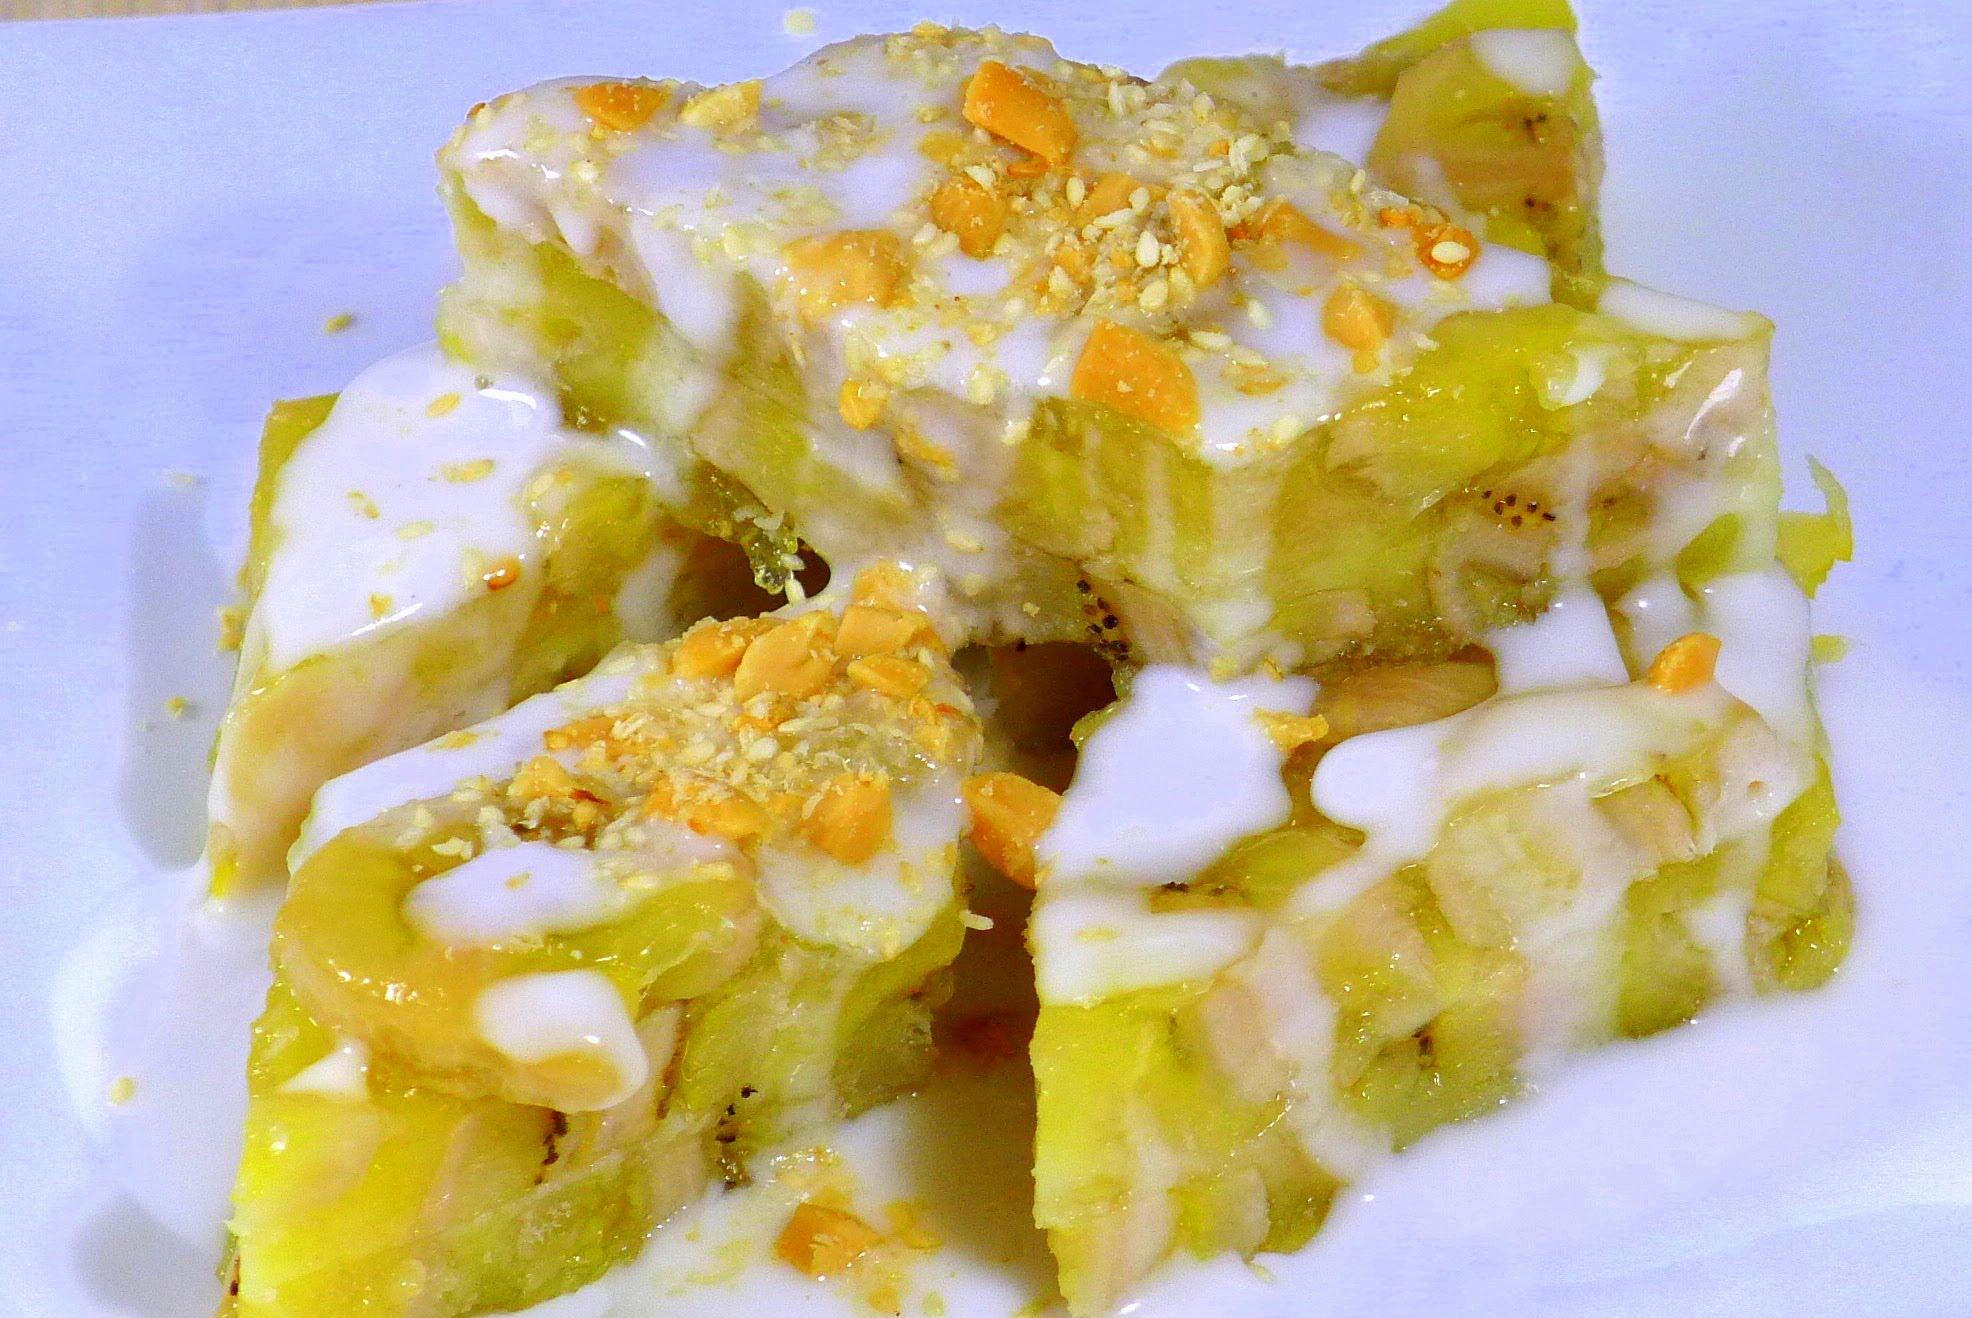 Cách làm bánh chuối hấp cốt dừa thơm ngậy 1